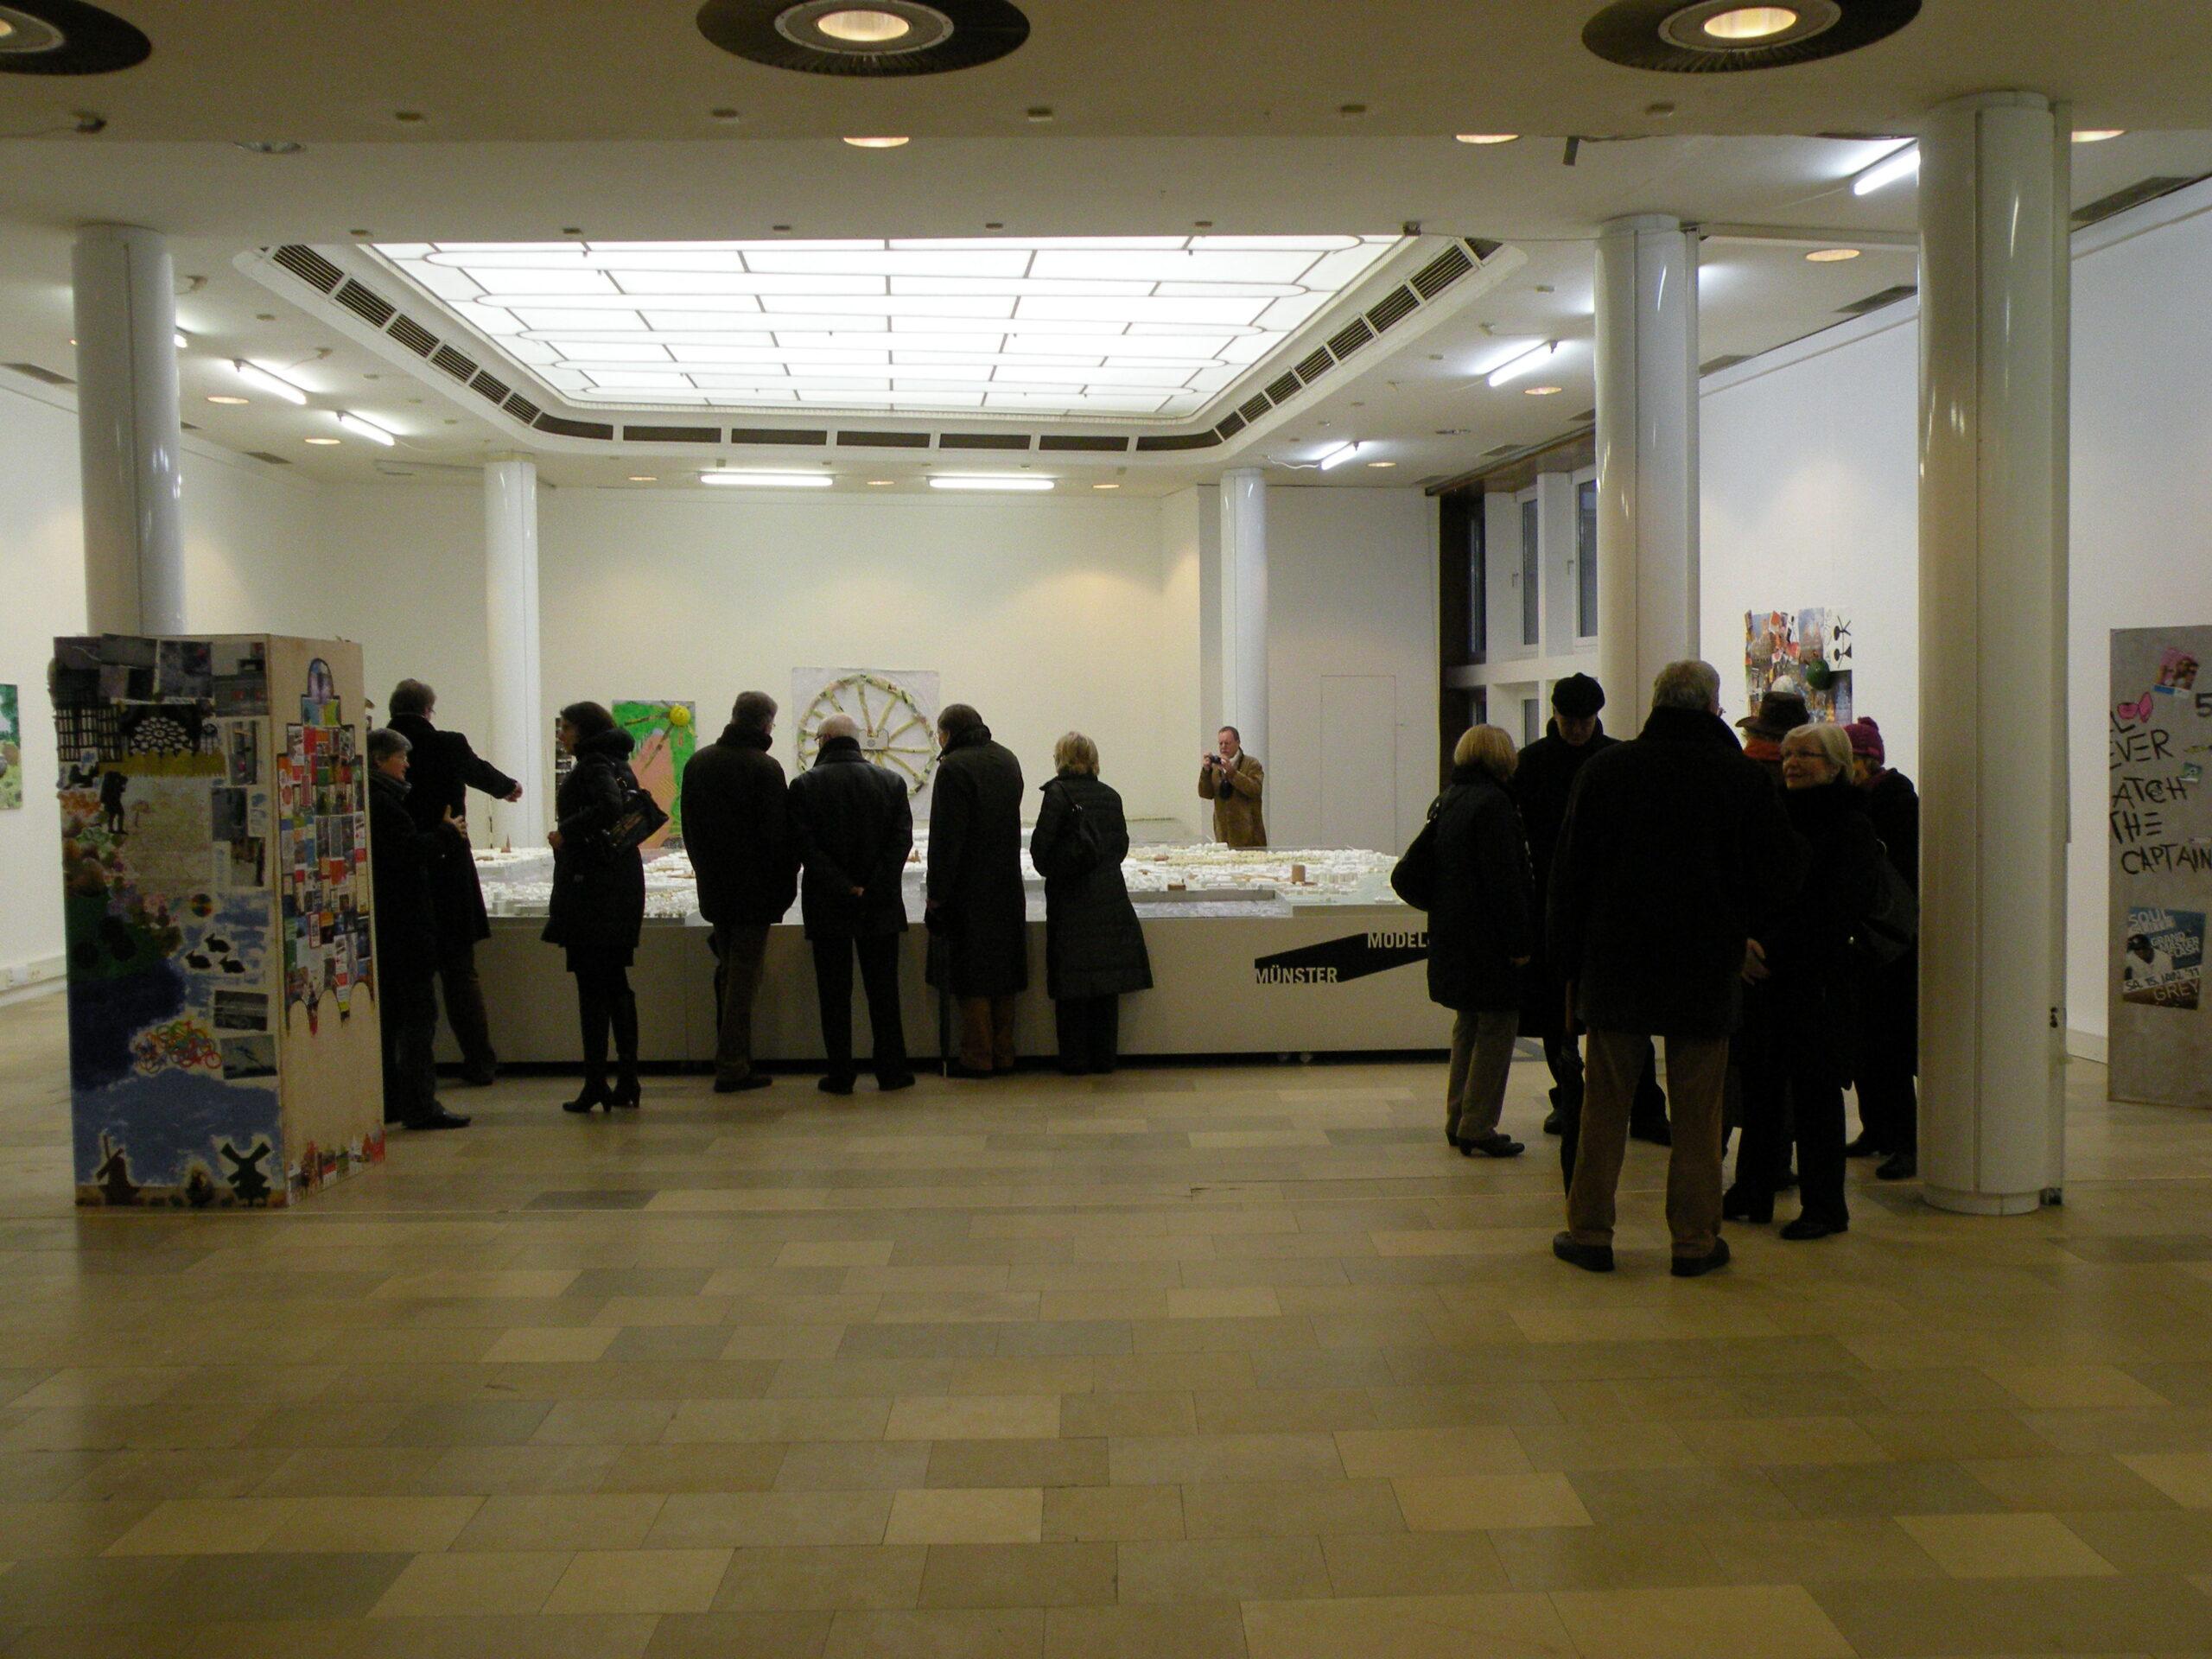 Münster Modell: Ausstellung Nr. 11 - Stadthaussaal, 2011